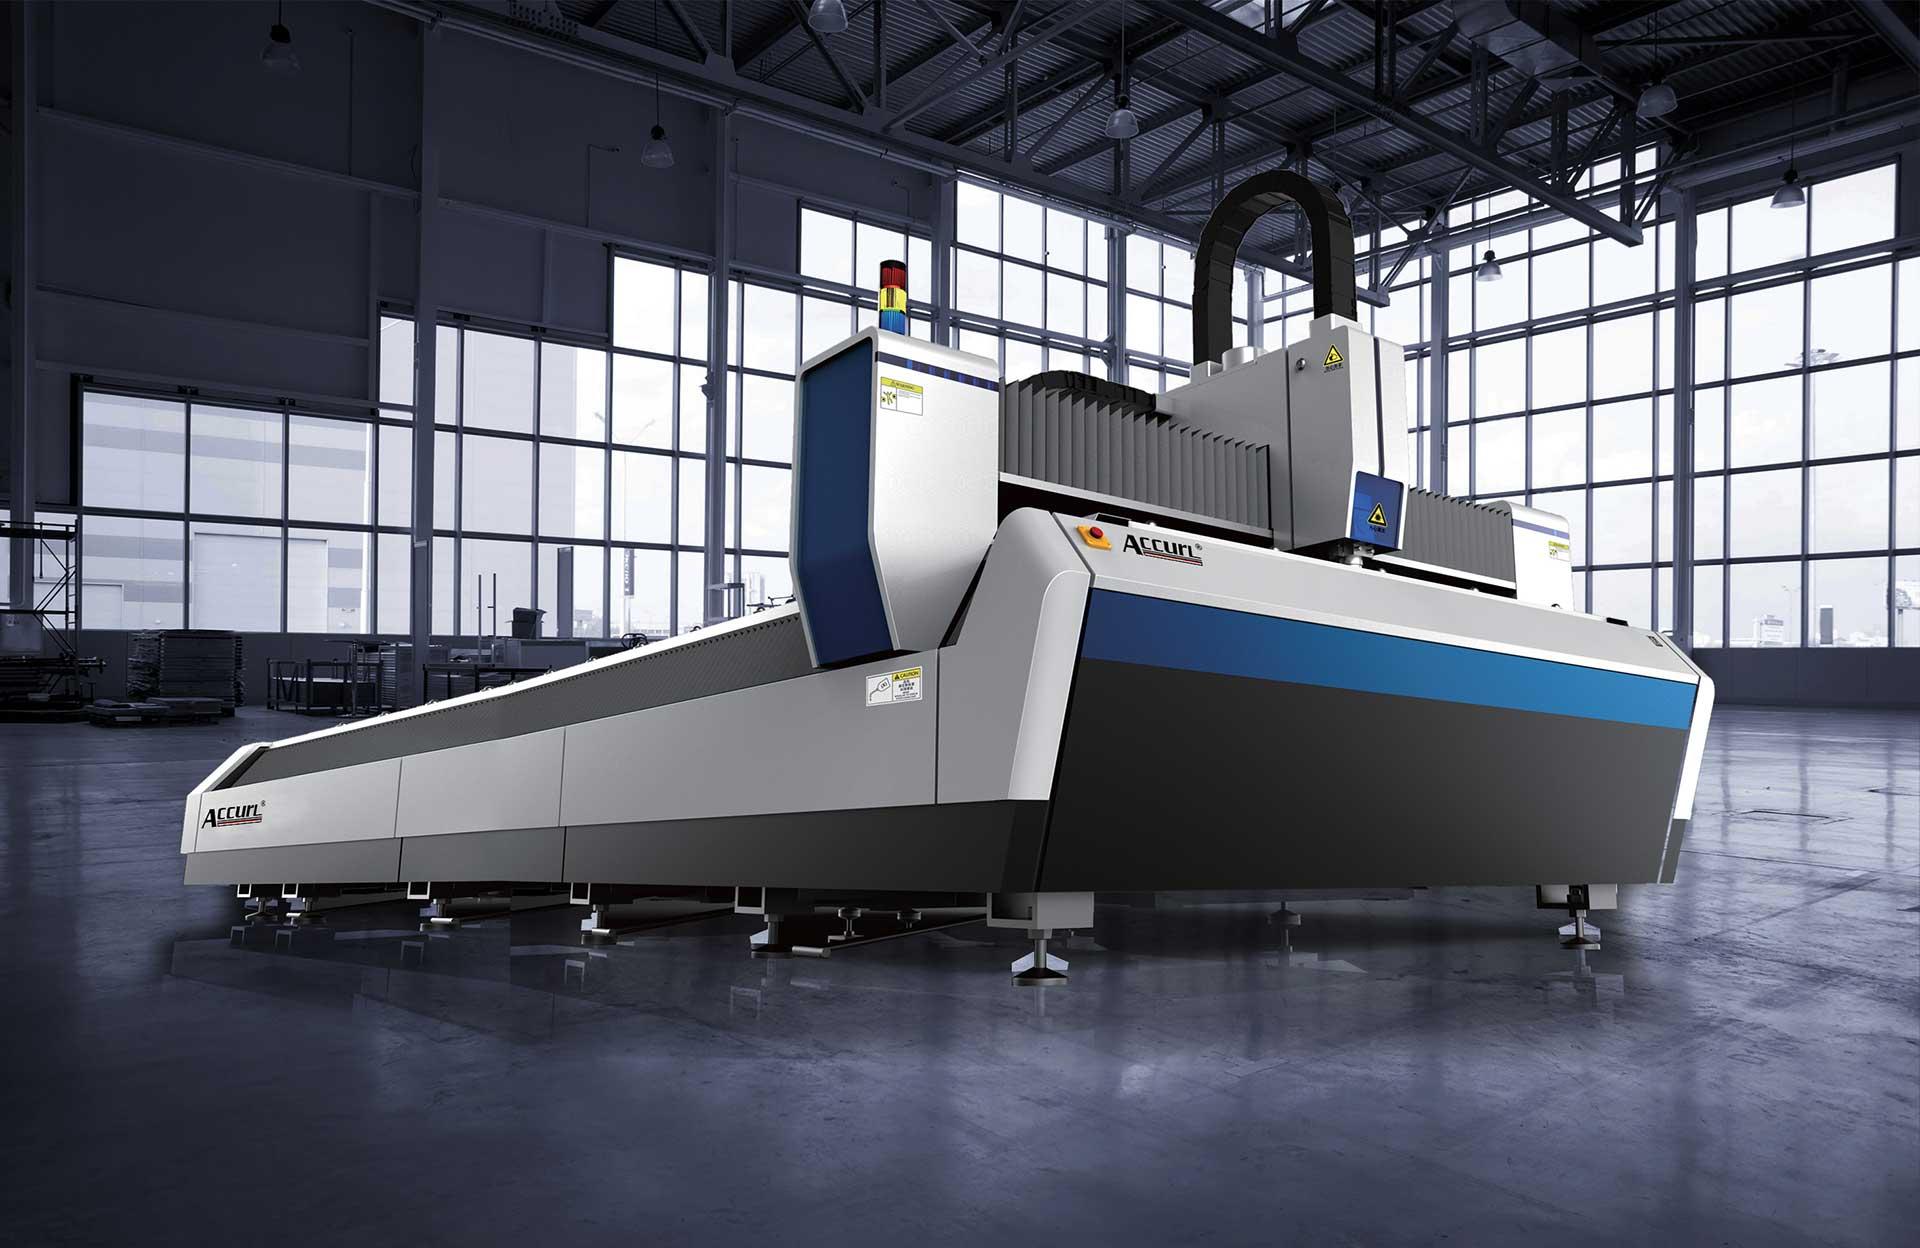 Accurl Manufacturers 1000w Fiber Cnc Laser Cutting Machine